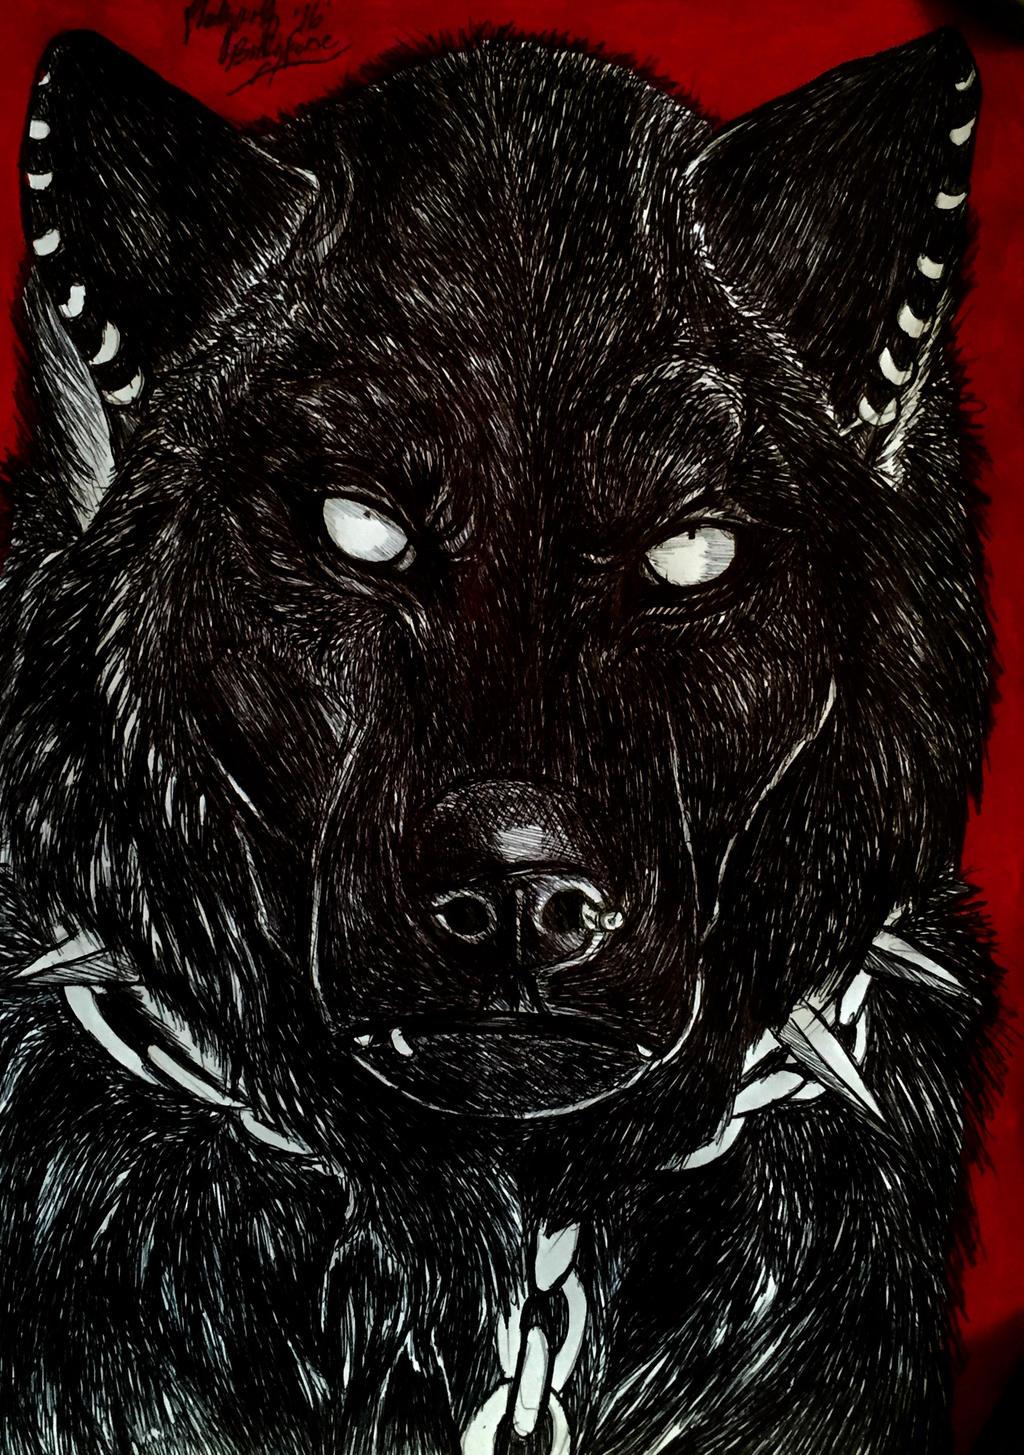 Bitch face by pladywolf82